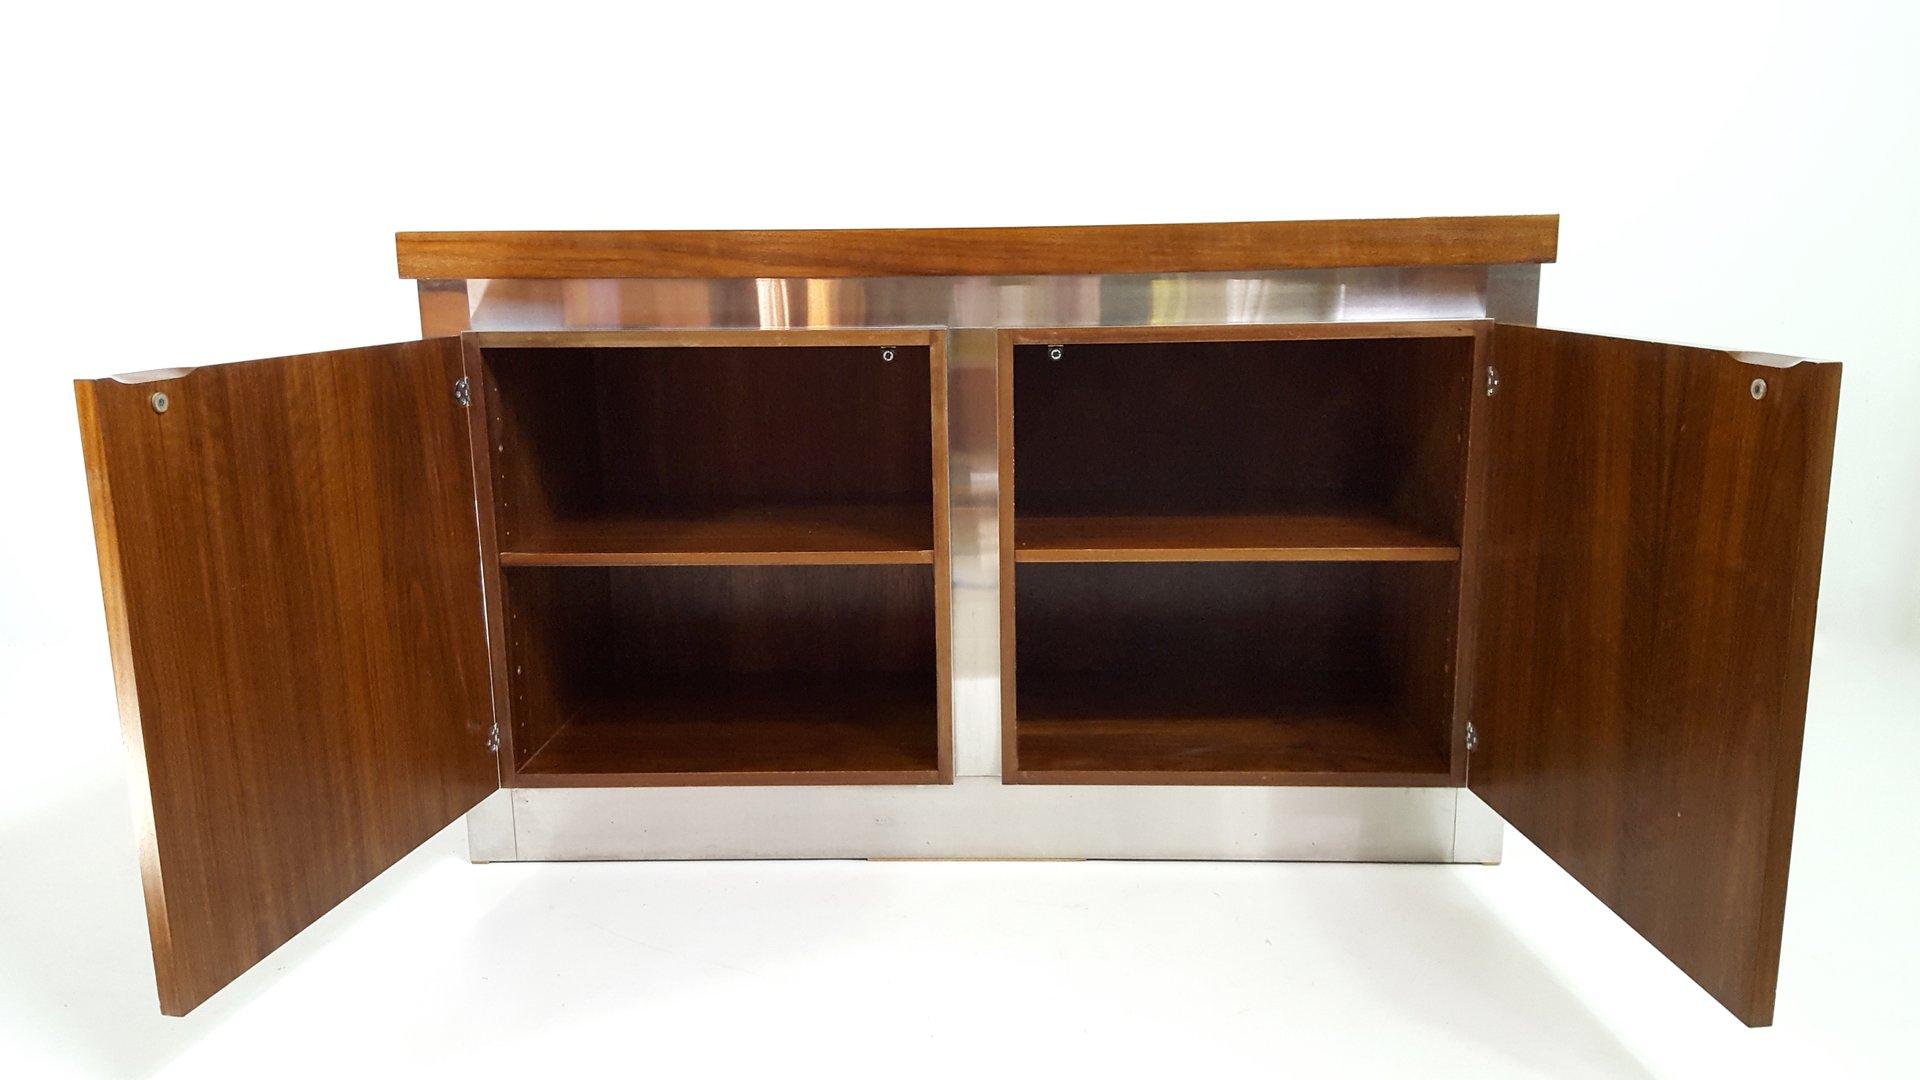 Double meuble mod le acerbis 1970s en vente sur pamono for Meuble 1970